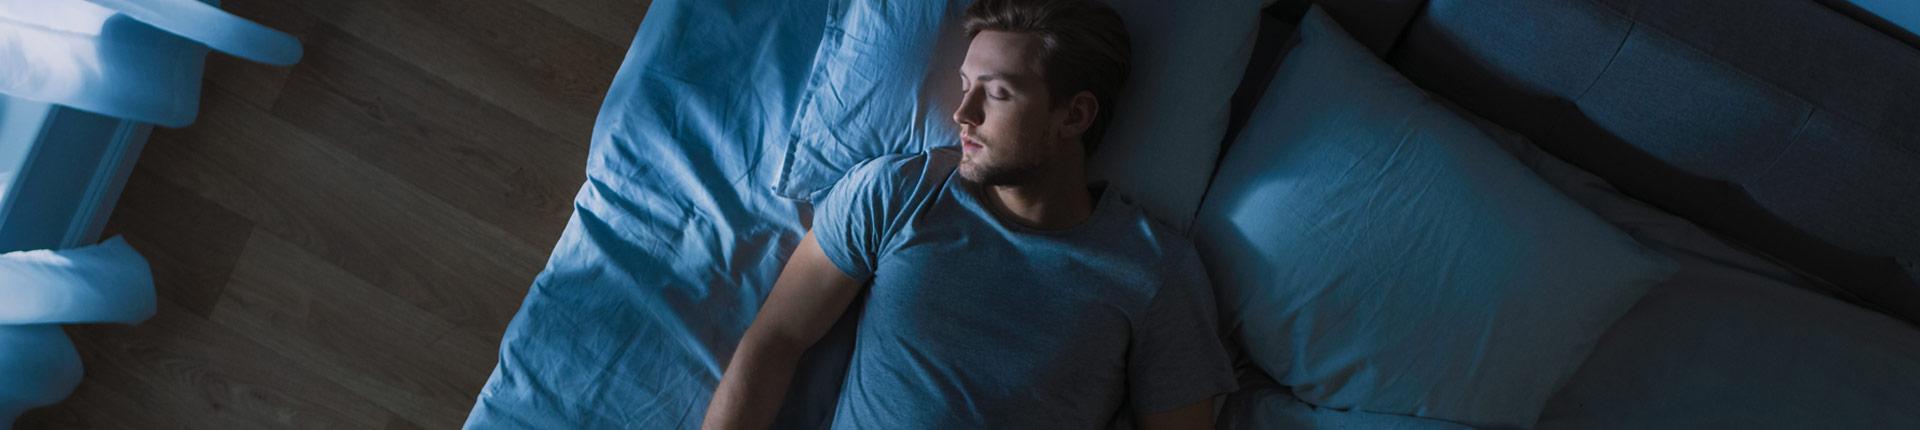 Czy sen jest ważny dla zdrowia psychicznego?